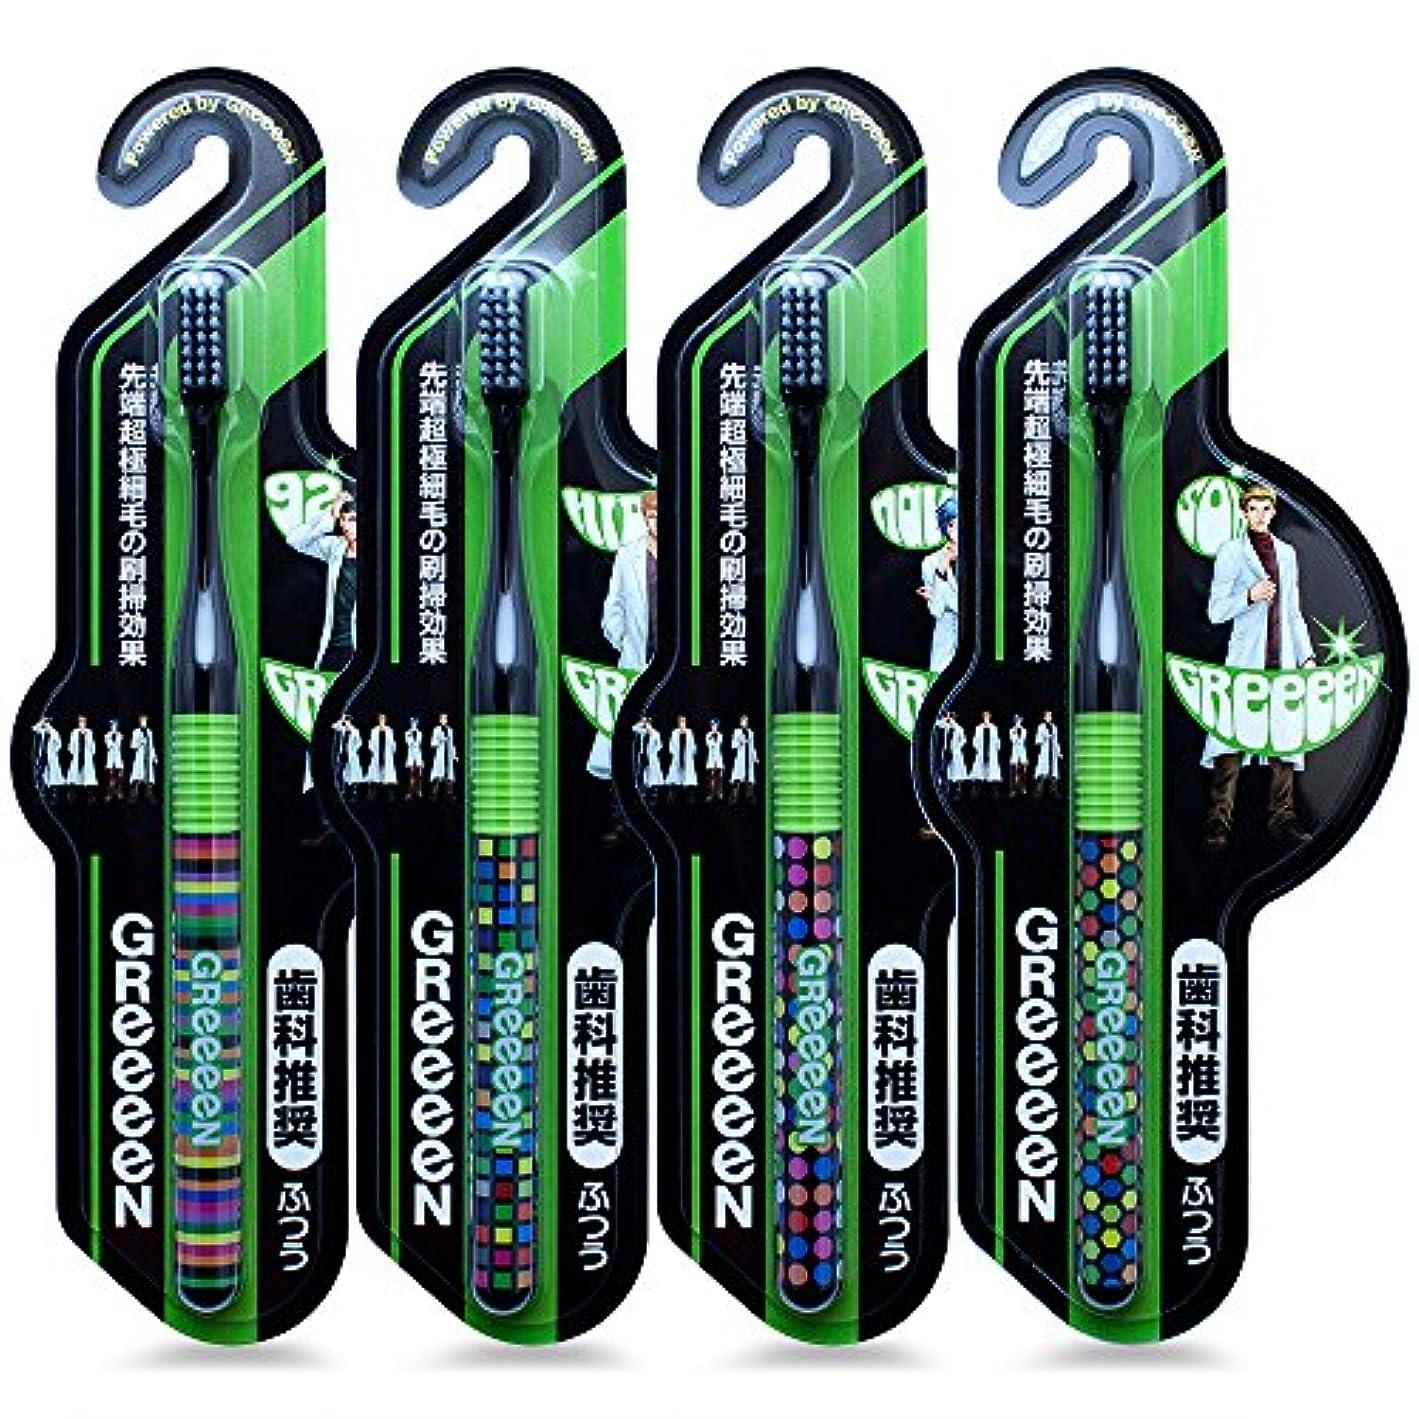 ランチマイナーくしゃみGReeeeN 3列ヘッドラバーグリップ超極細毛歯ブラシ KURO アソート4本セット